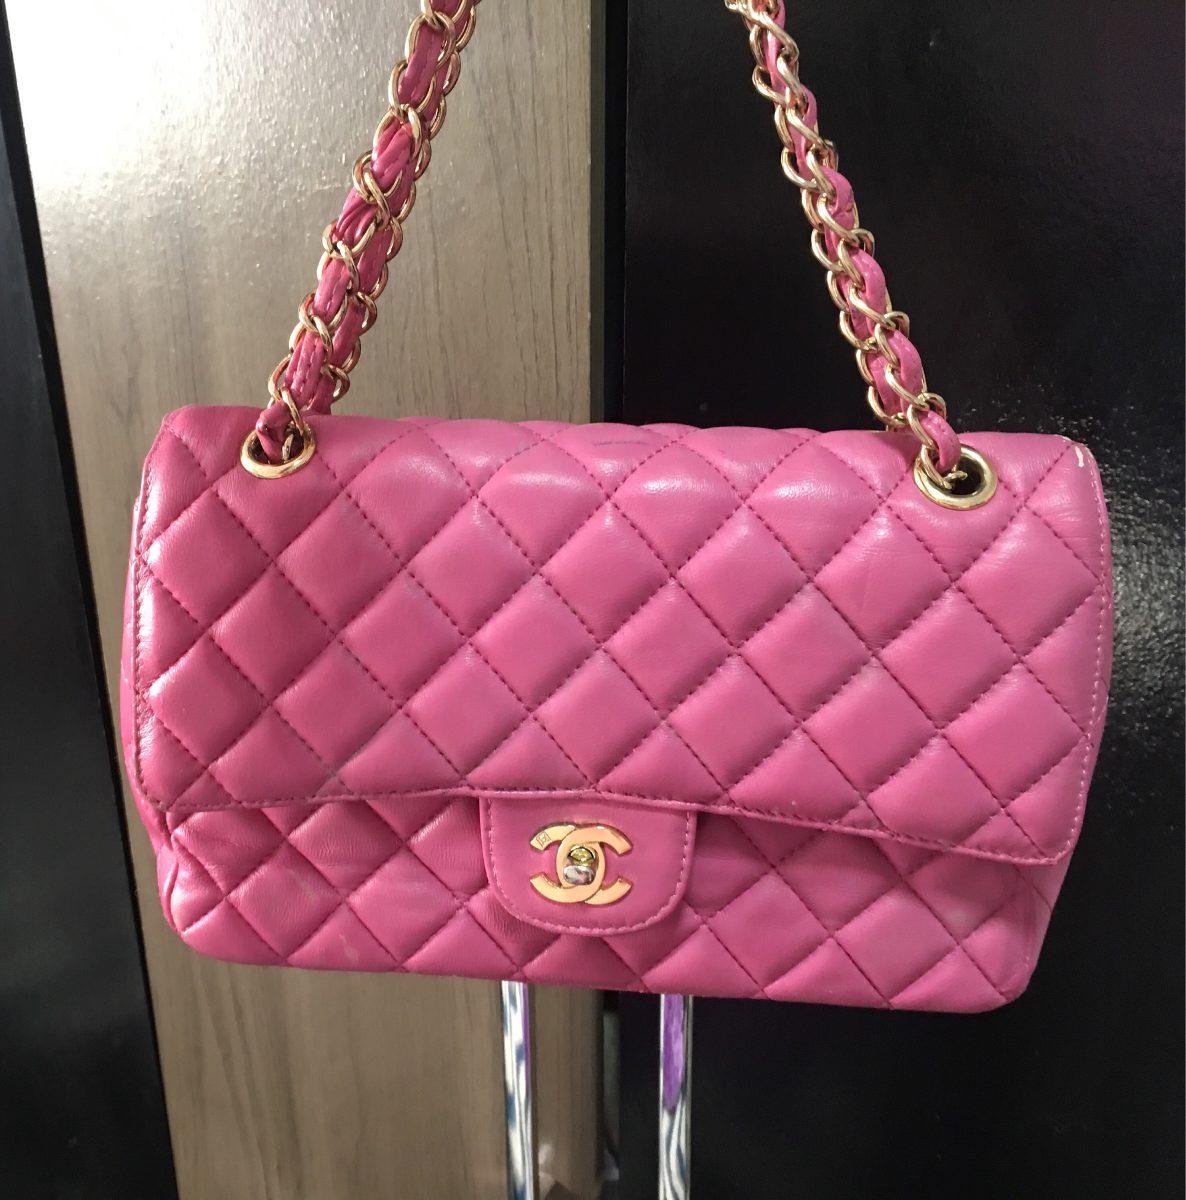 aaecc088e Bolsa Chanel Cor Rosa Usada - R$ 900,00 em Mercado Livre